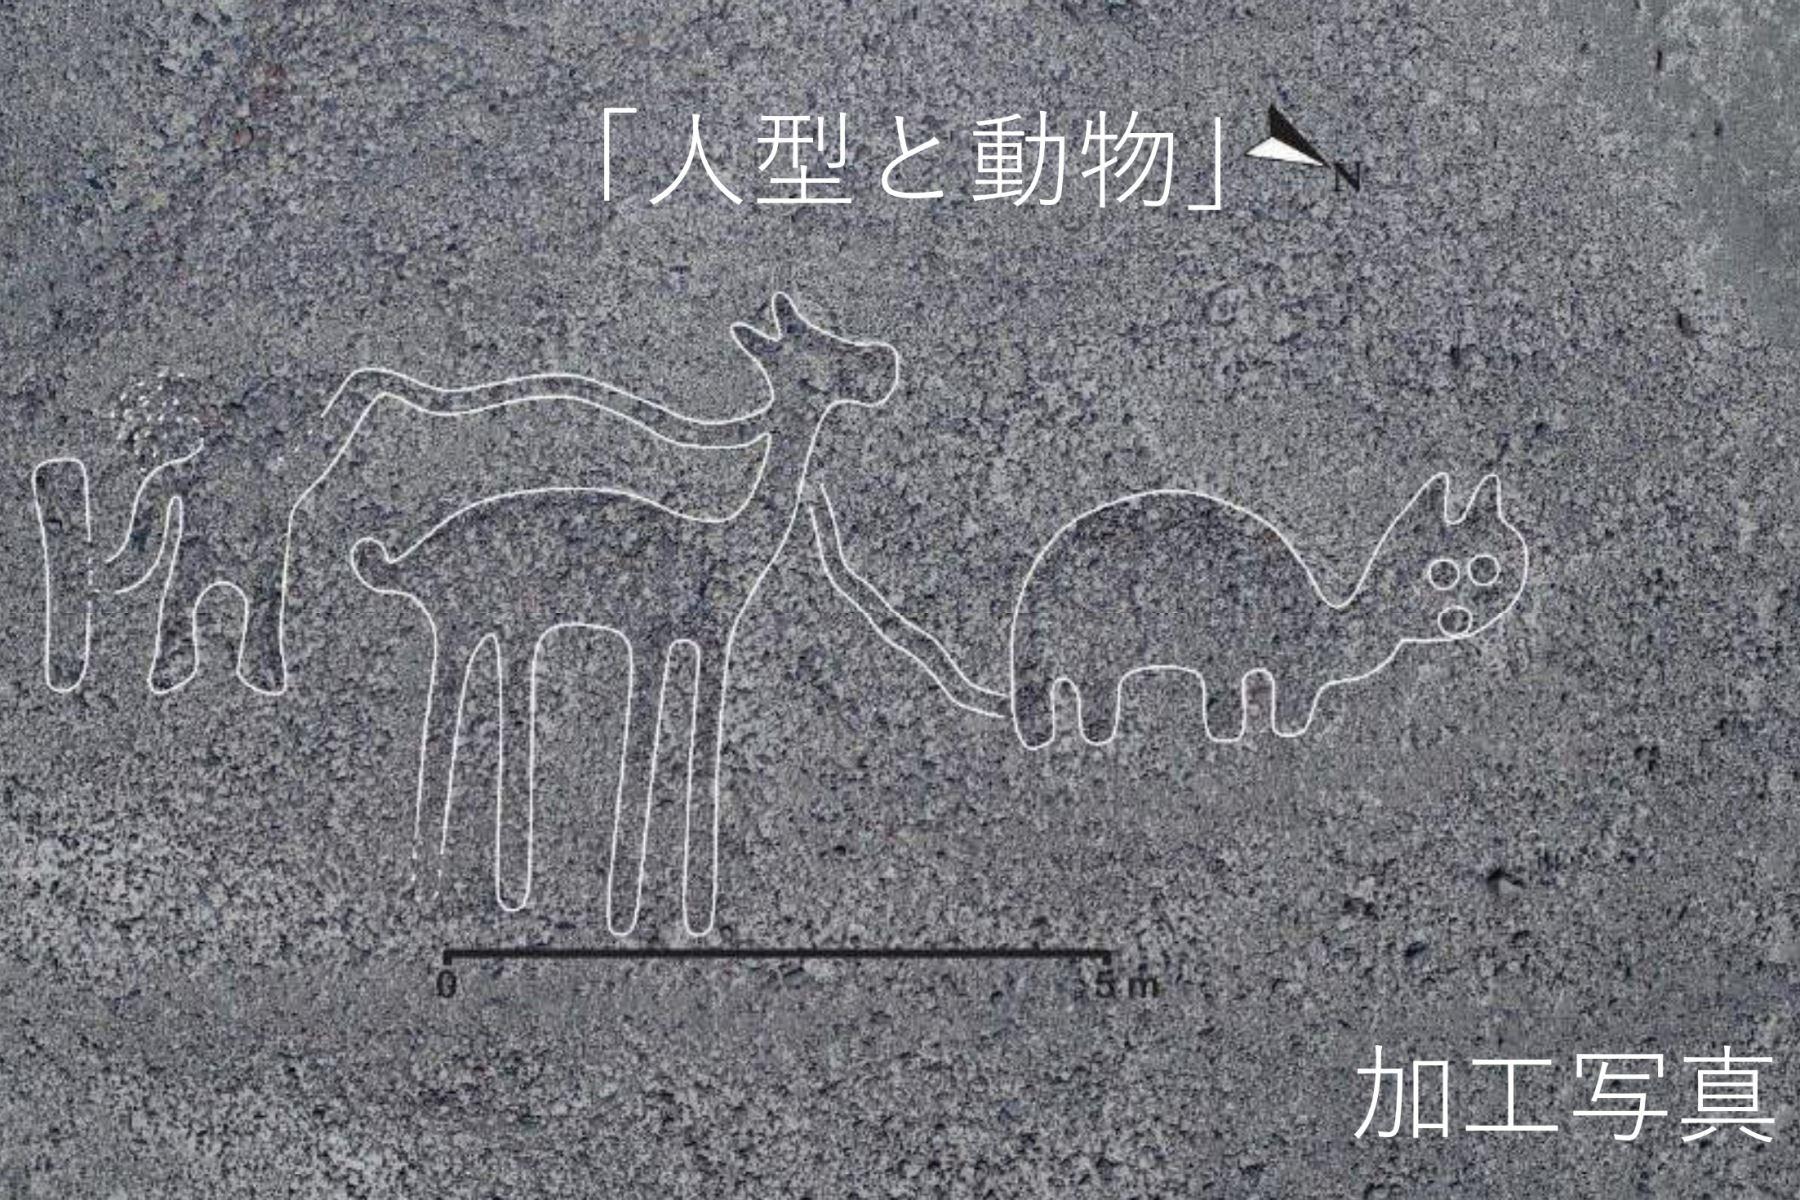 Un grupo de investigadores de la Universidad de Yamagata descubrió 143 nuevos geoglifos que representan seres vivos y otros objetos de las Líneas de Nazca. Foto: Difusión Universidad de Yamagata